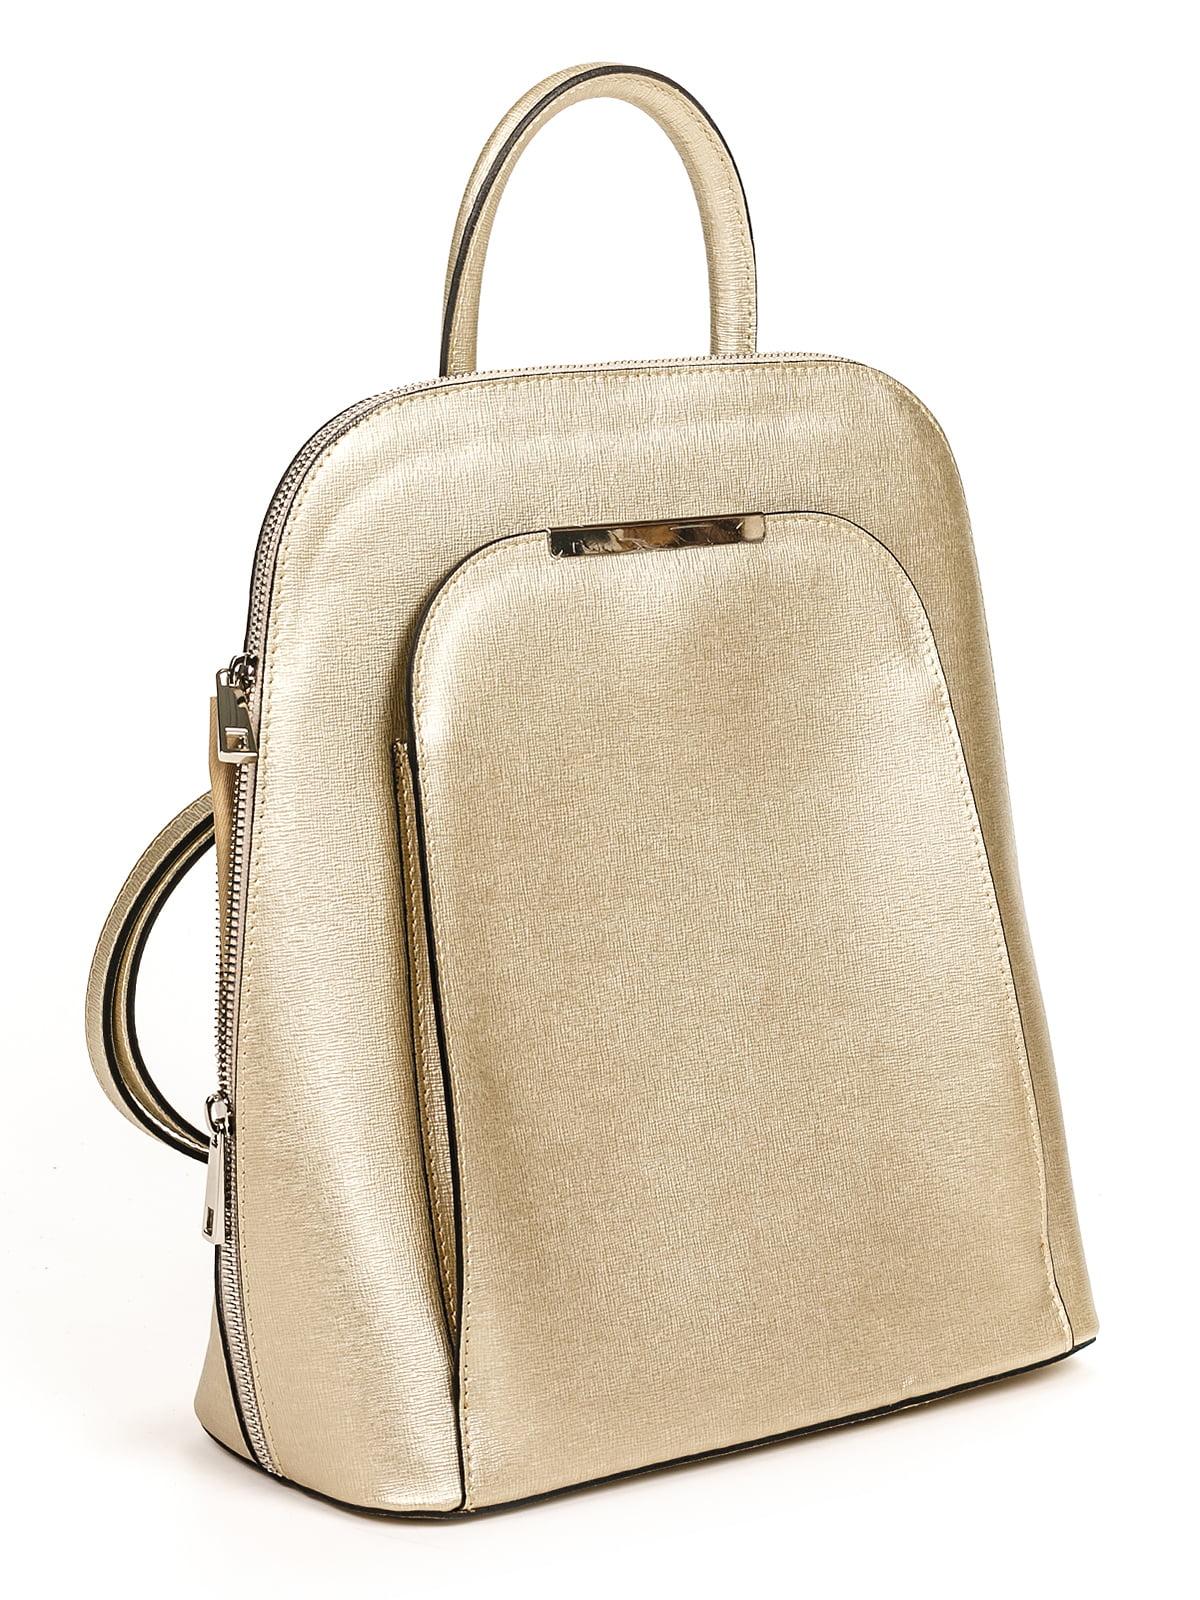 Рюкзак золотистий | 4979583 | фото 2